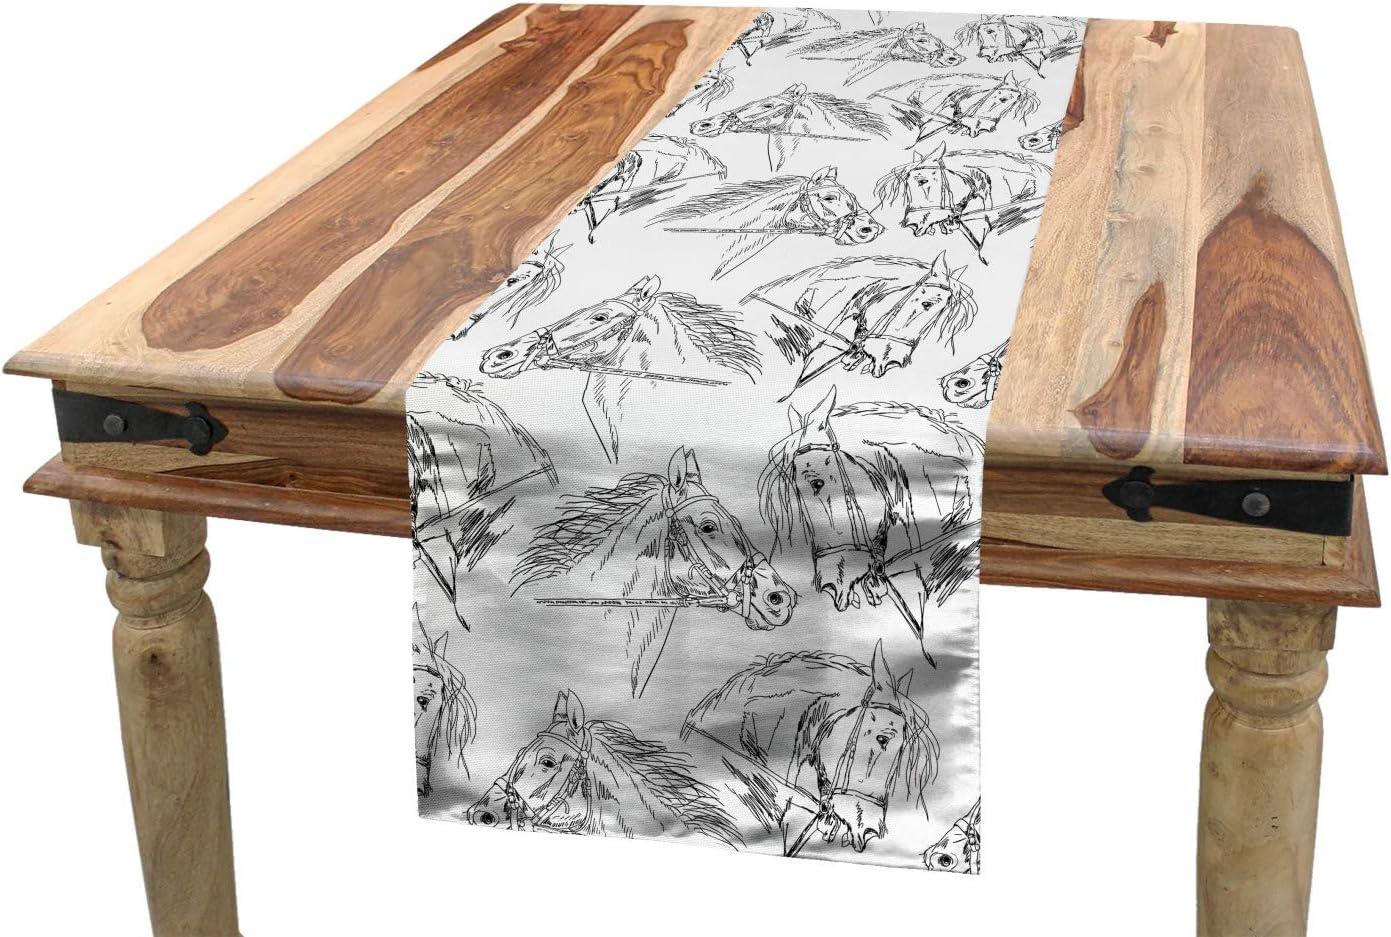 ABAKUHAUS Caballos Camino de Mesa, Yegua Árabe del Bosquejo, Decorativo para el Comedor o Sala de Estar Estampa Digital, 40 x 180 cm, Blanco Negro